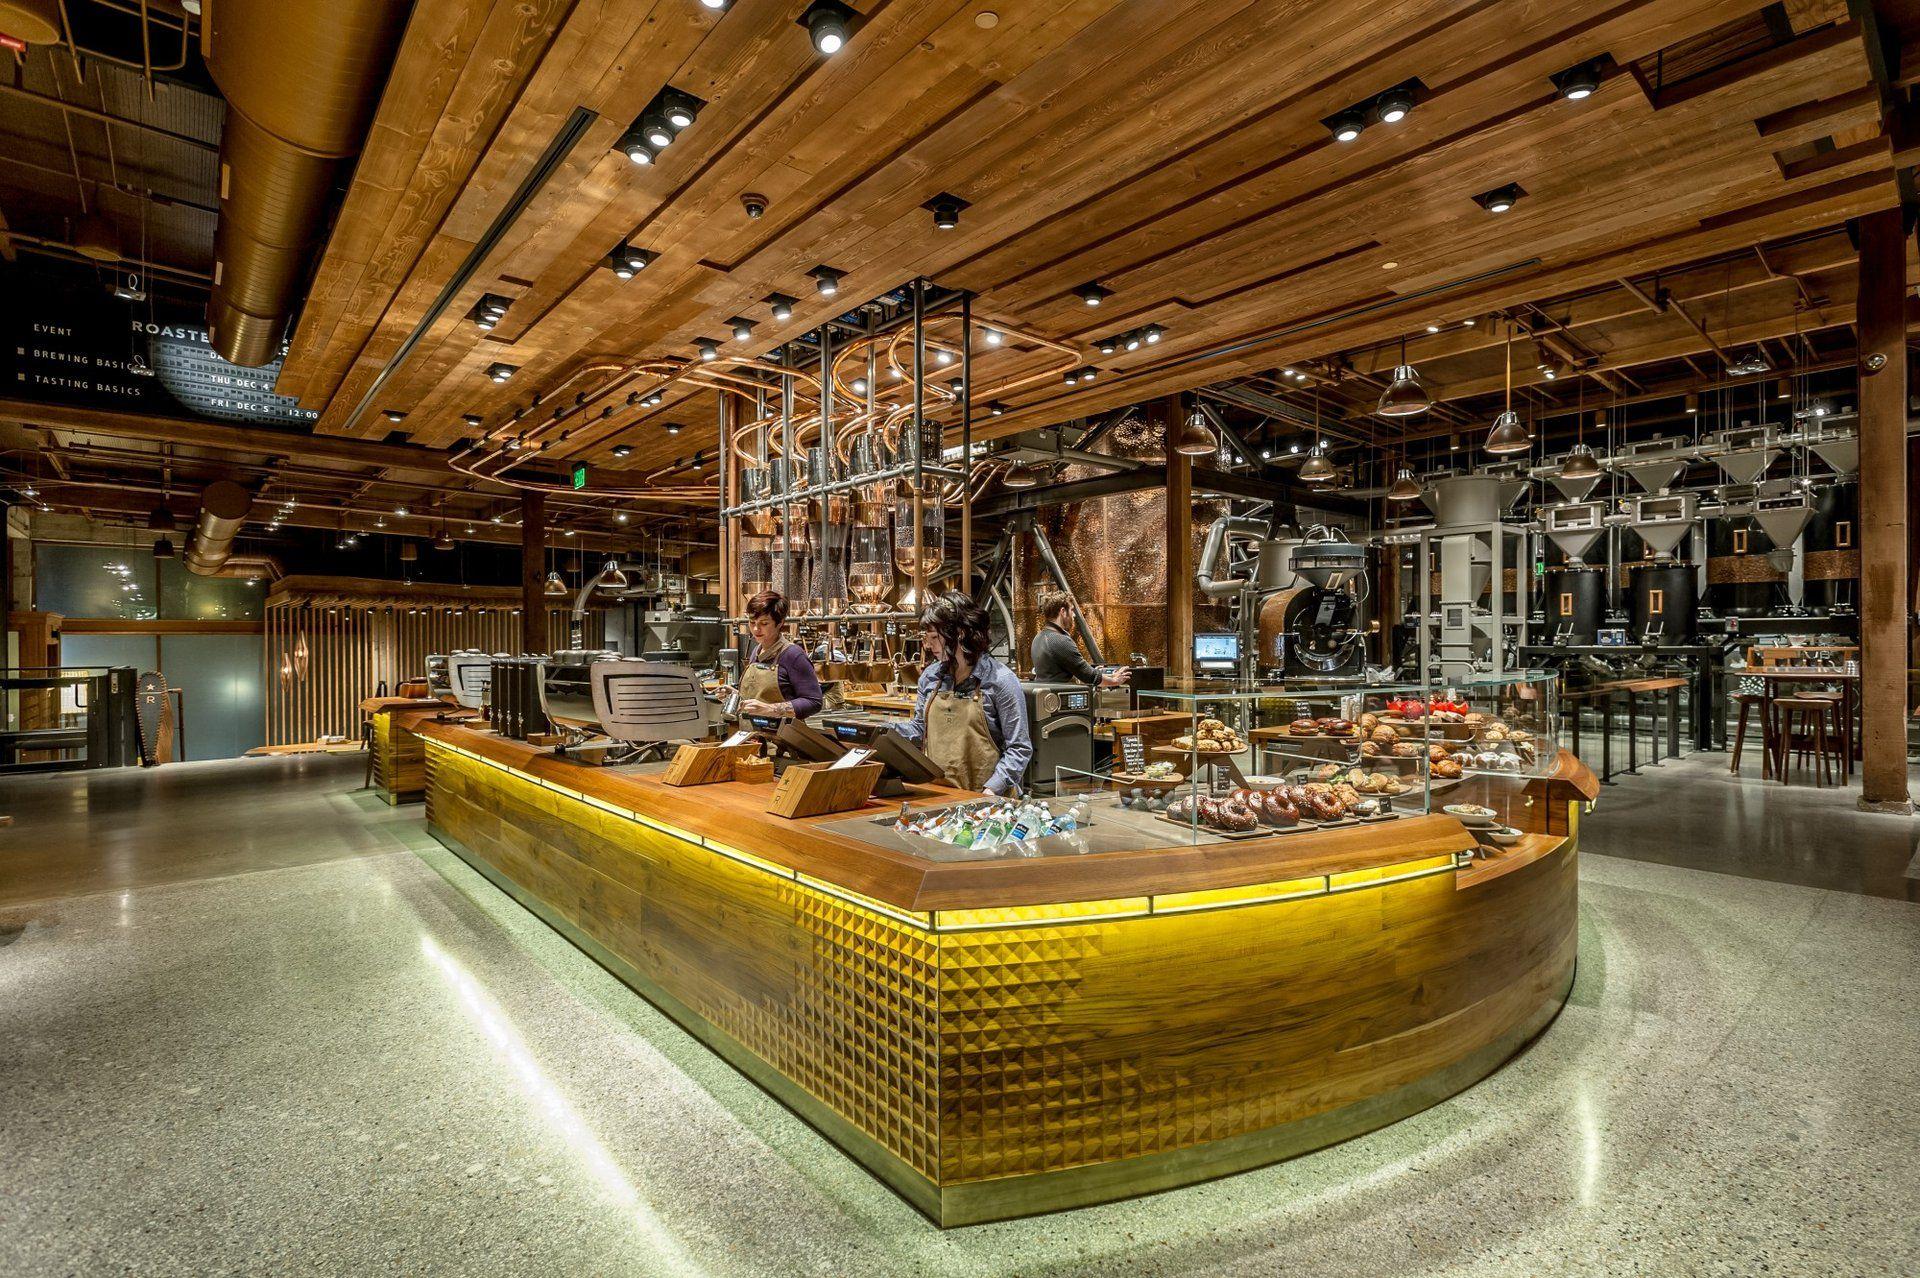 Starbucks Reserve Roastery Tasting Room Interiors